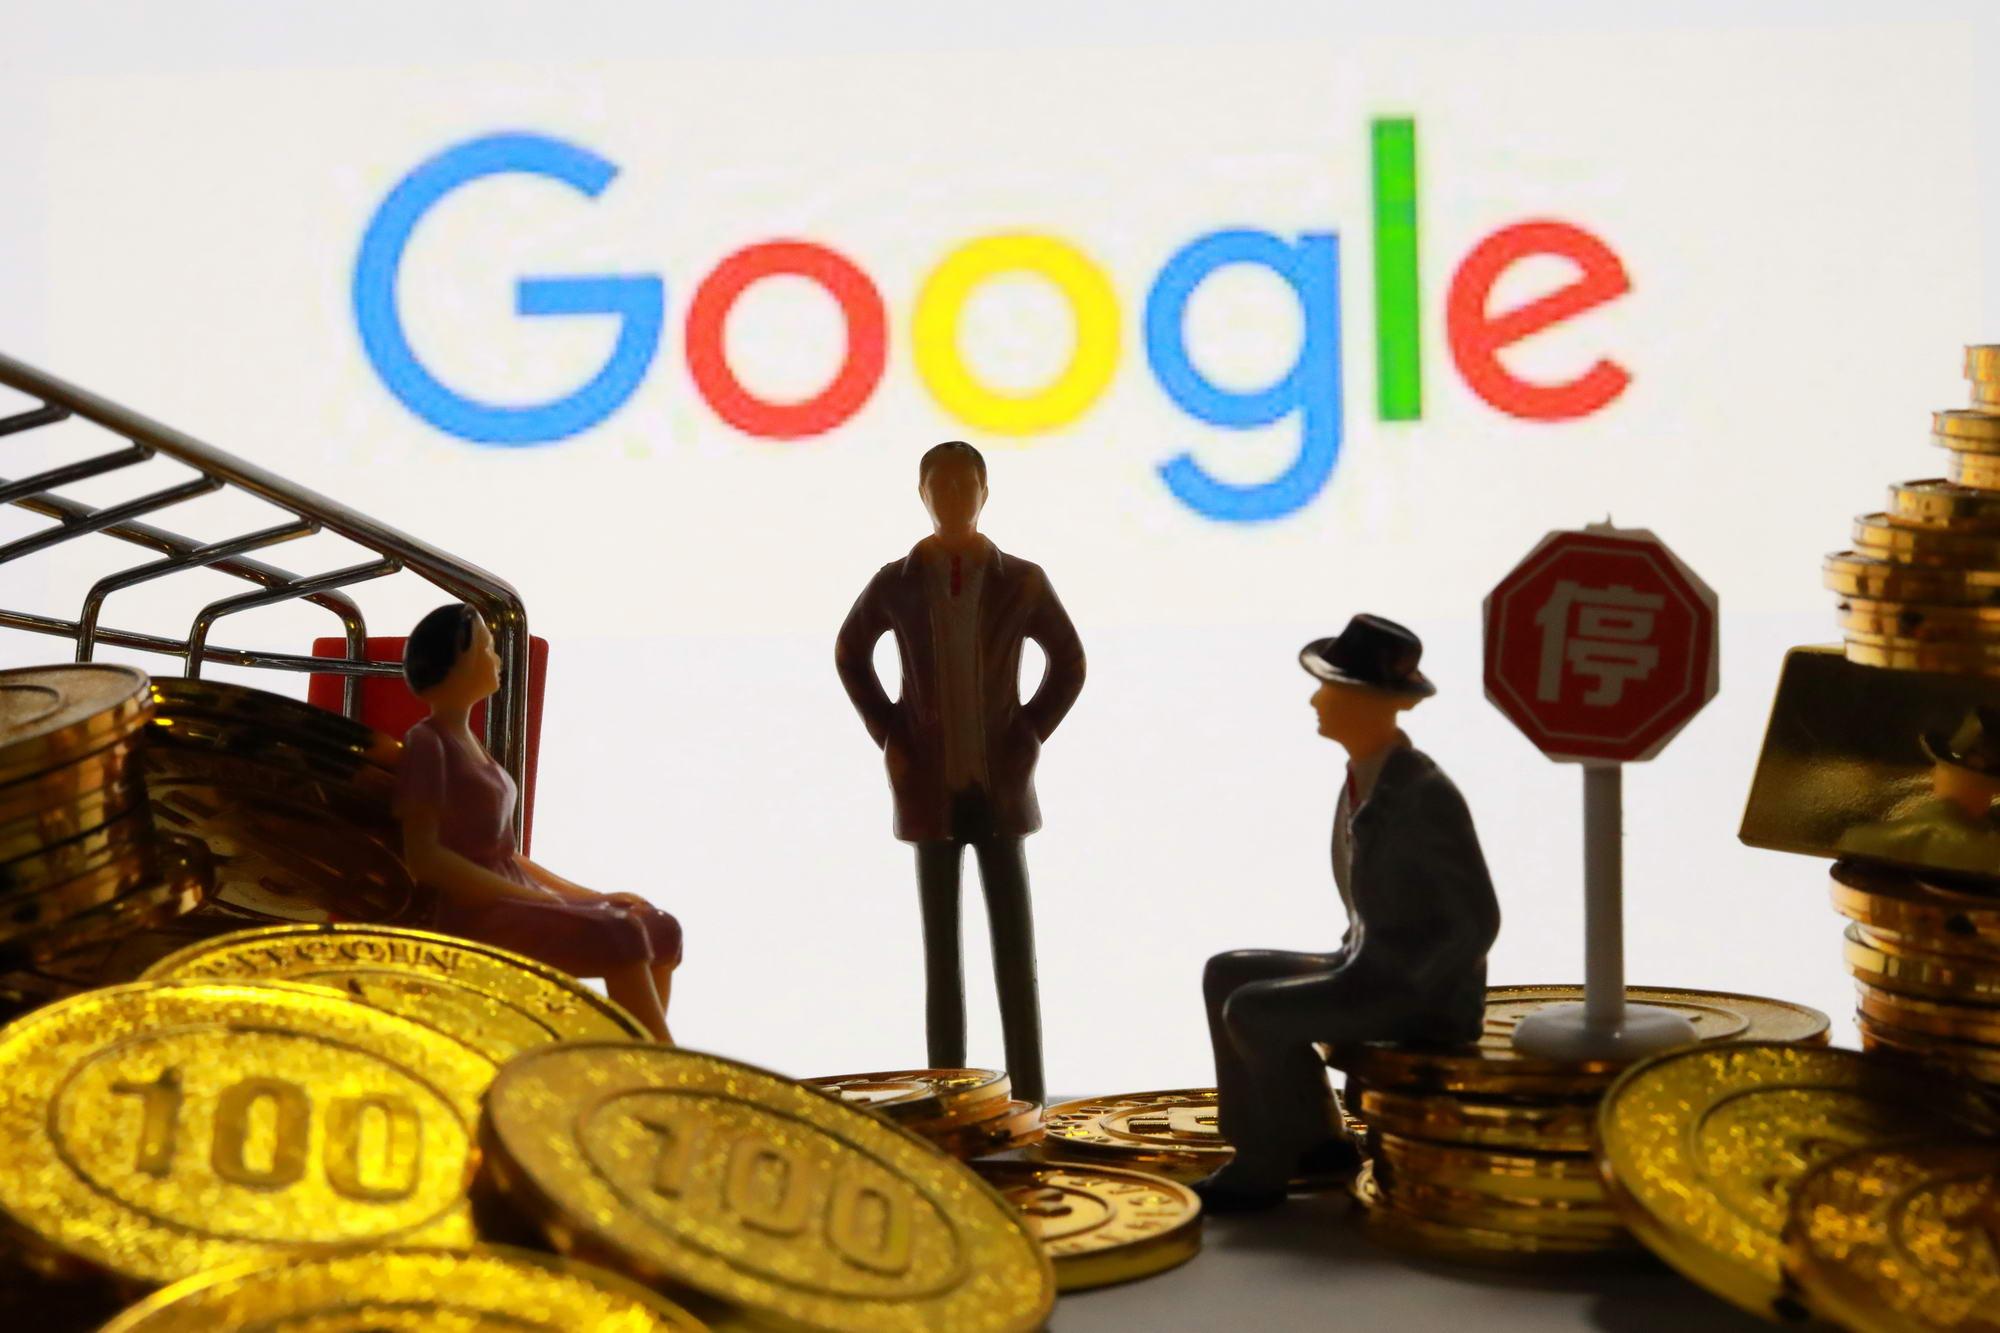 谷歌计划在Youtube上增加与电子商务相关的功能